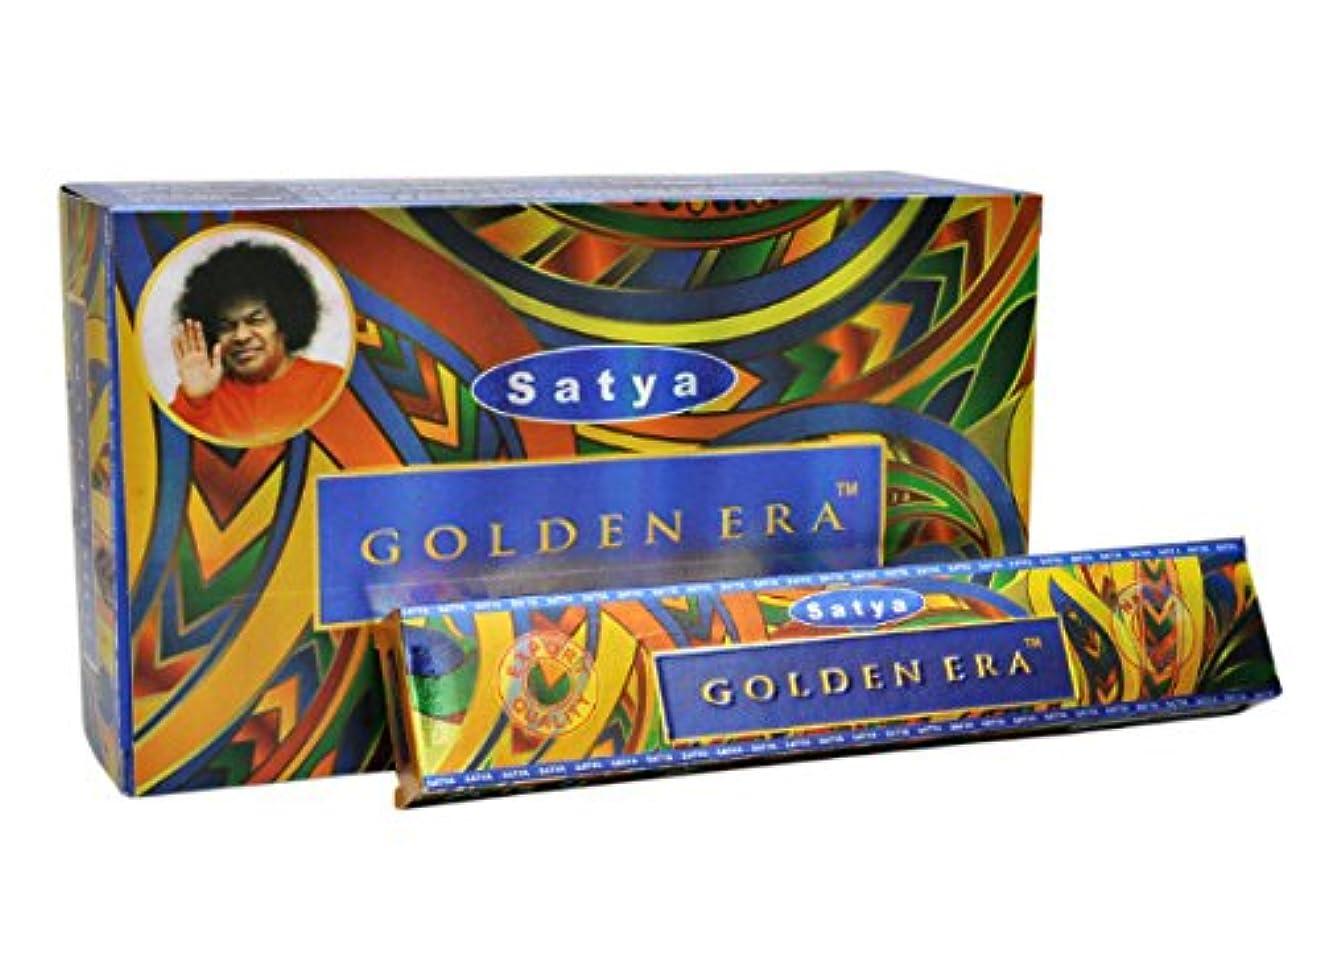 ぼろ生き物無Satya Golden Era お香スティック 180gフルボックス